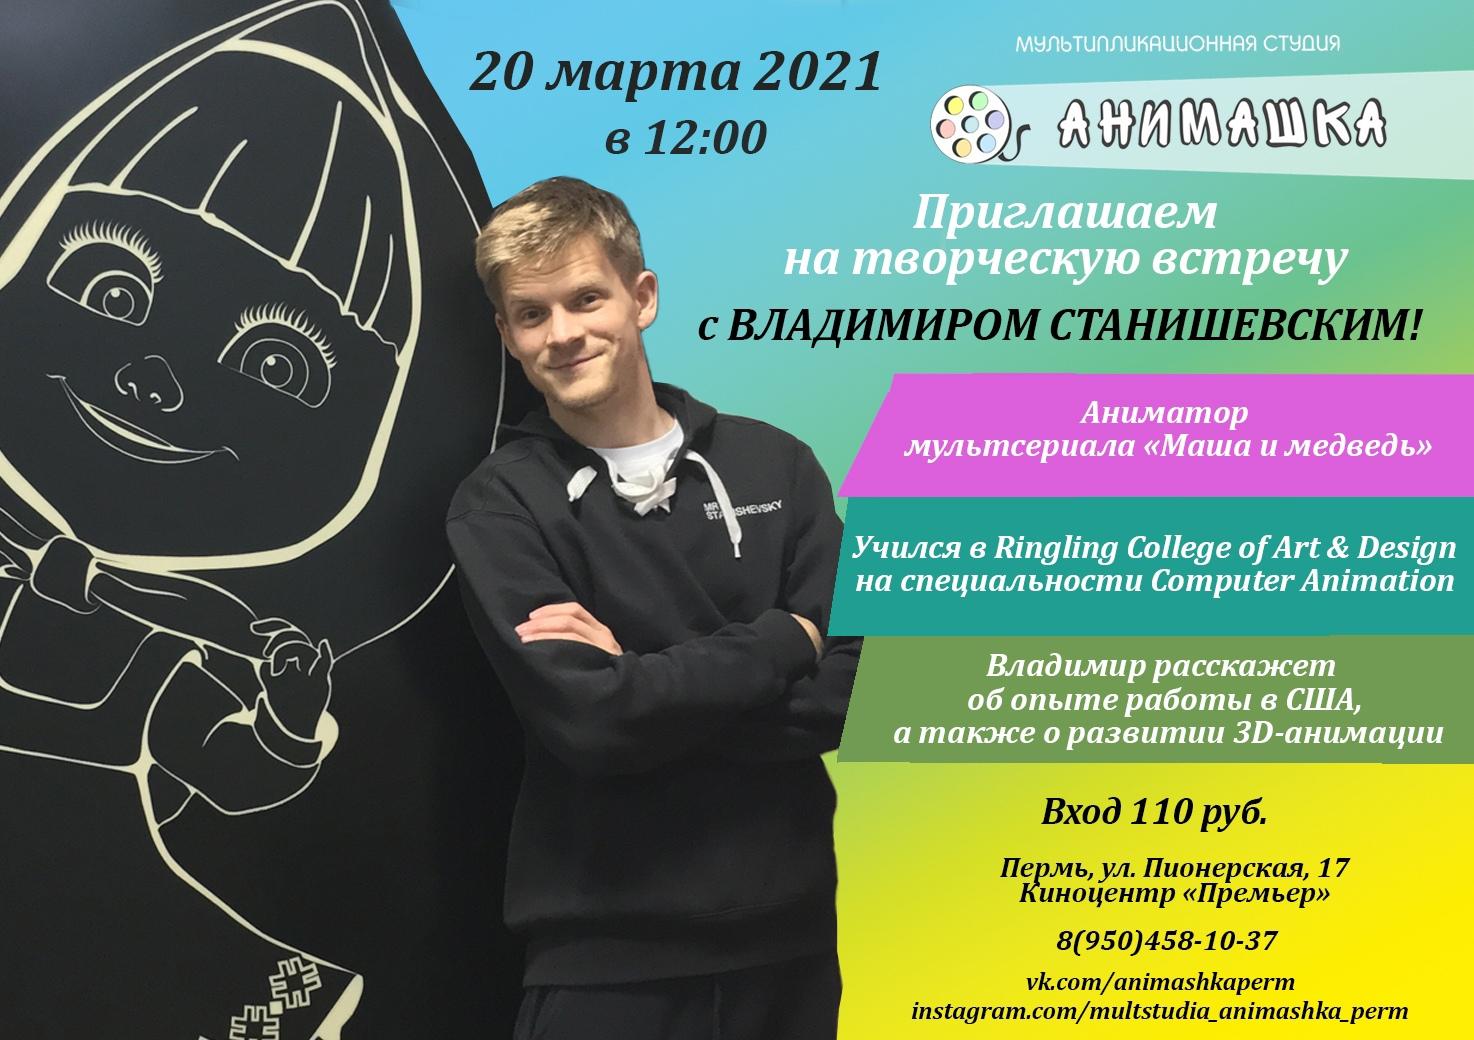 Владимир Станишевский у нас в мультстудии!